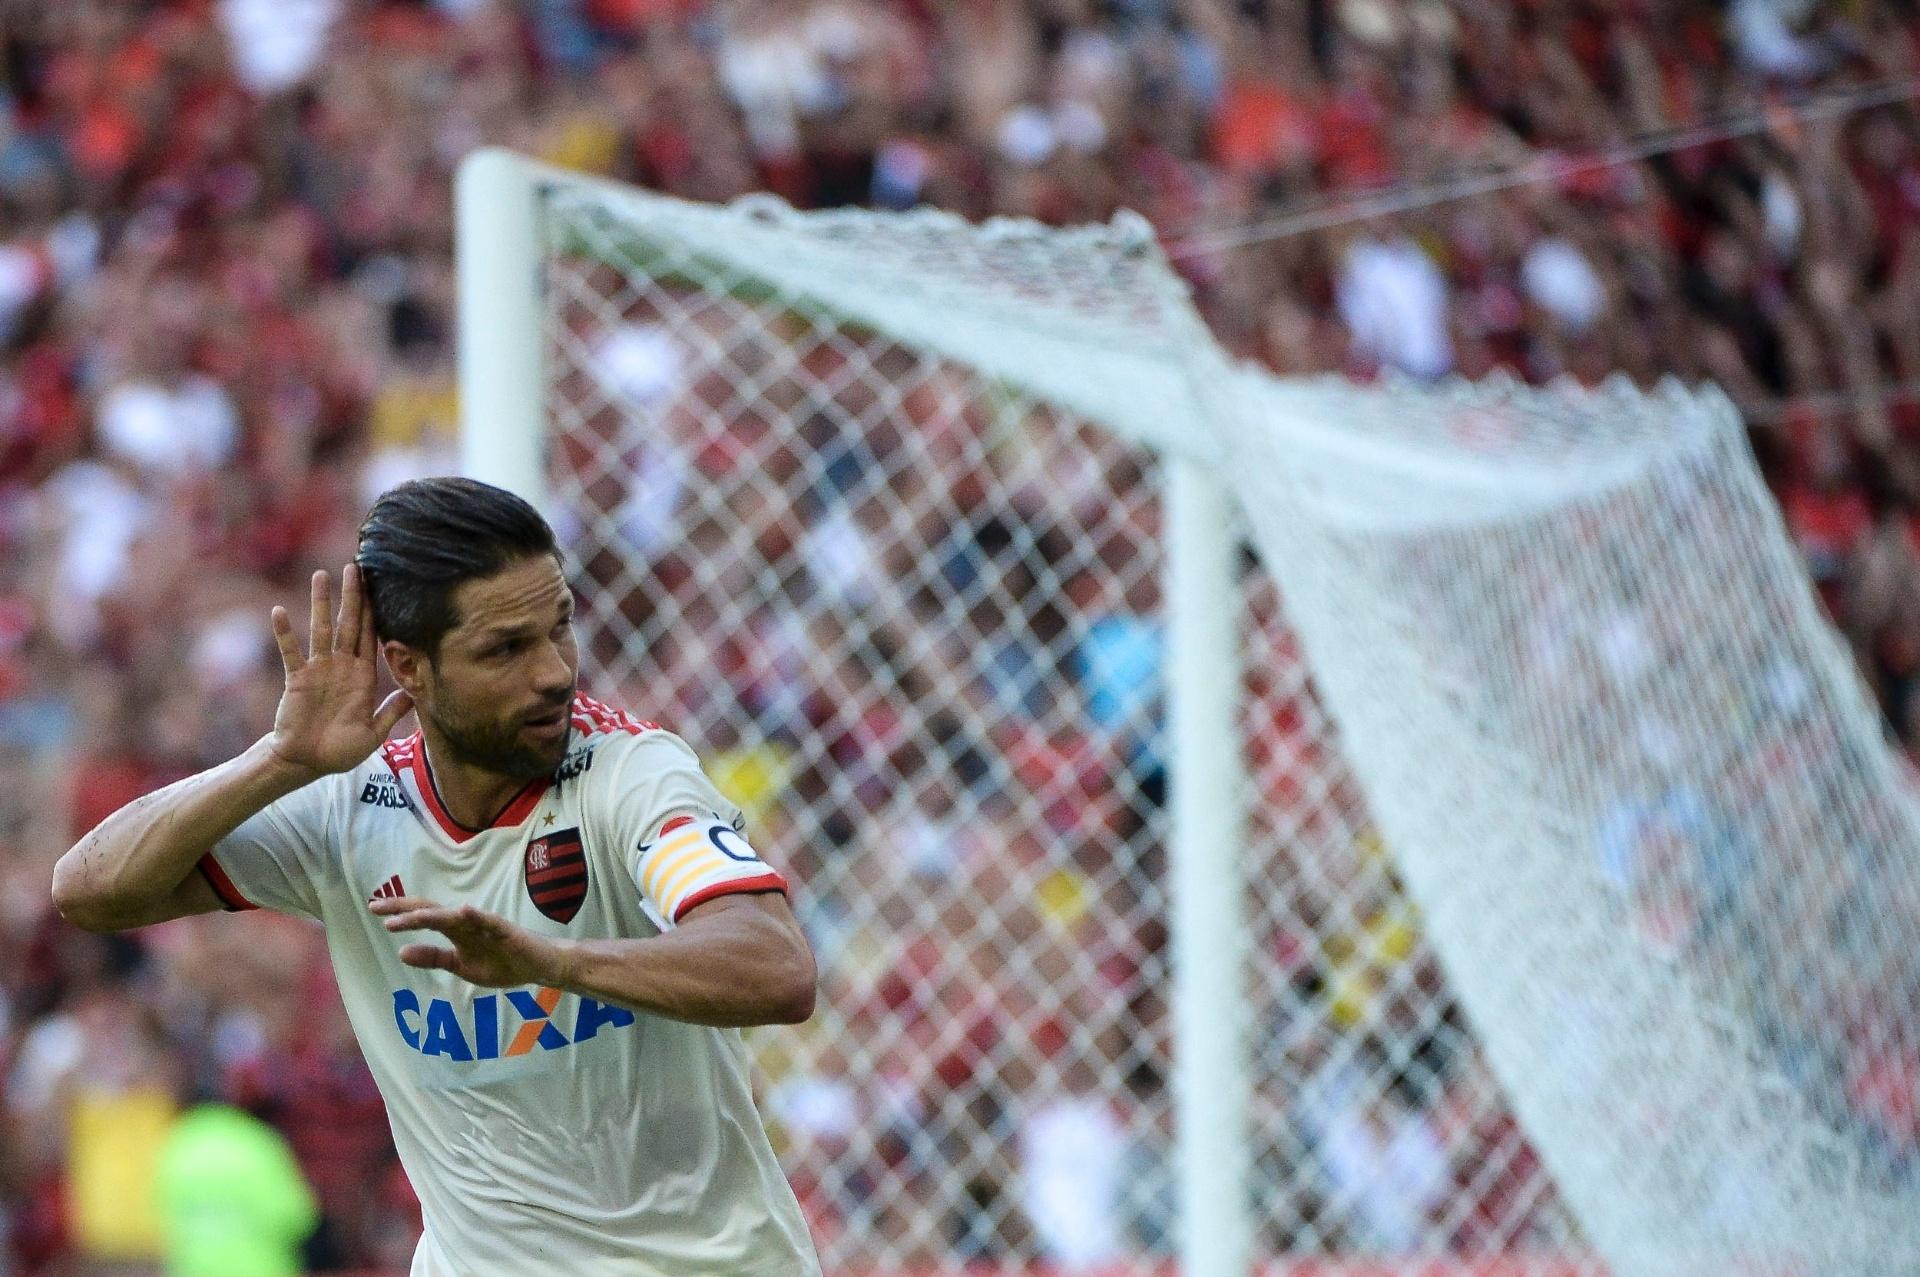 Fla vence Bahia com gols de Diego e Paquetá e se isola na liderança -  31 05 2018 - UOL Esporte 441a06a281974